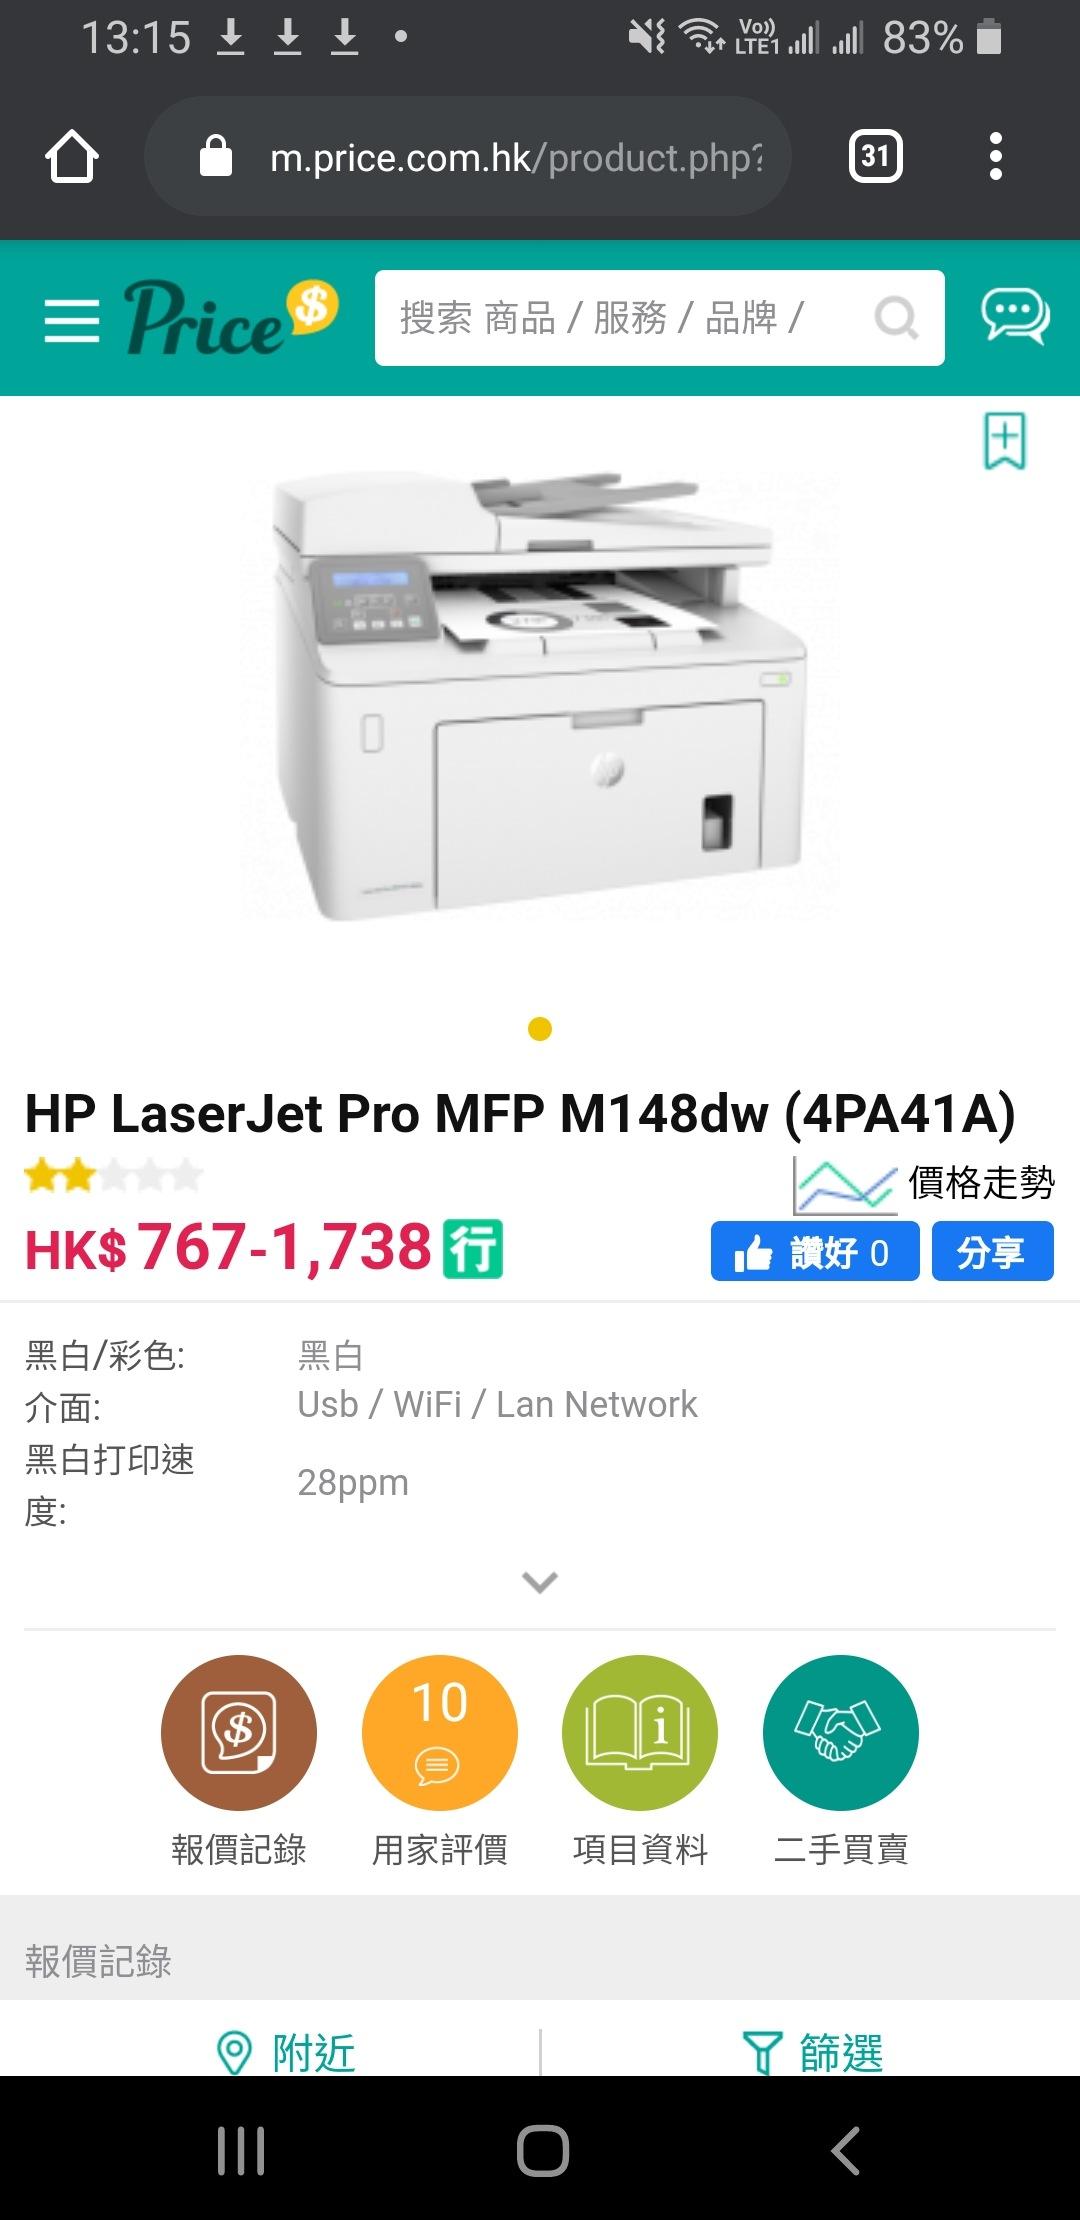 家用laser printer求推介 | LIHKG 討論區